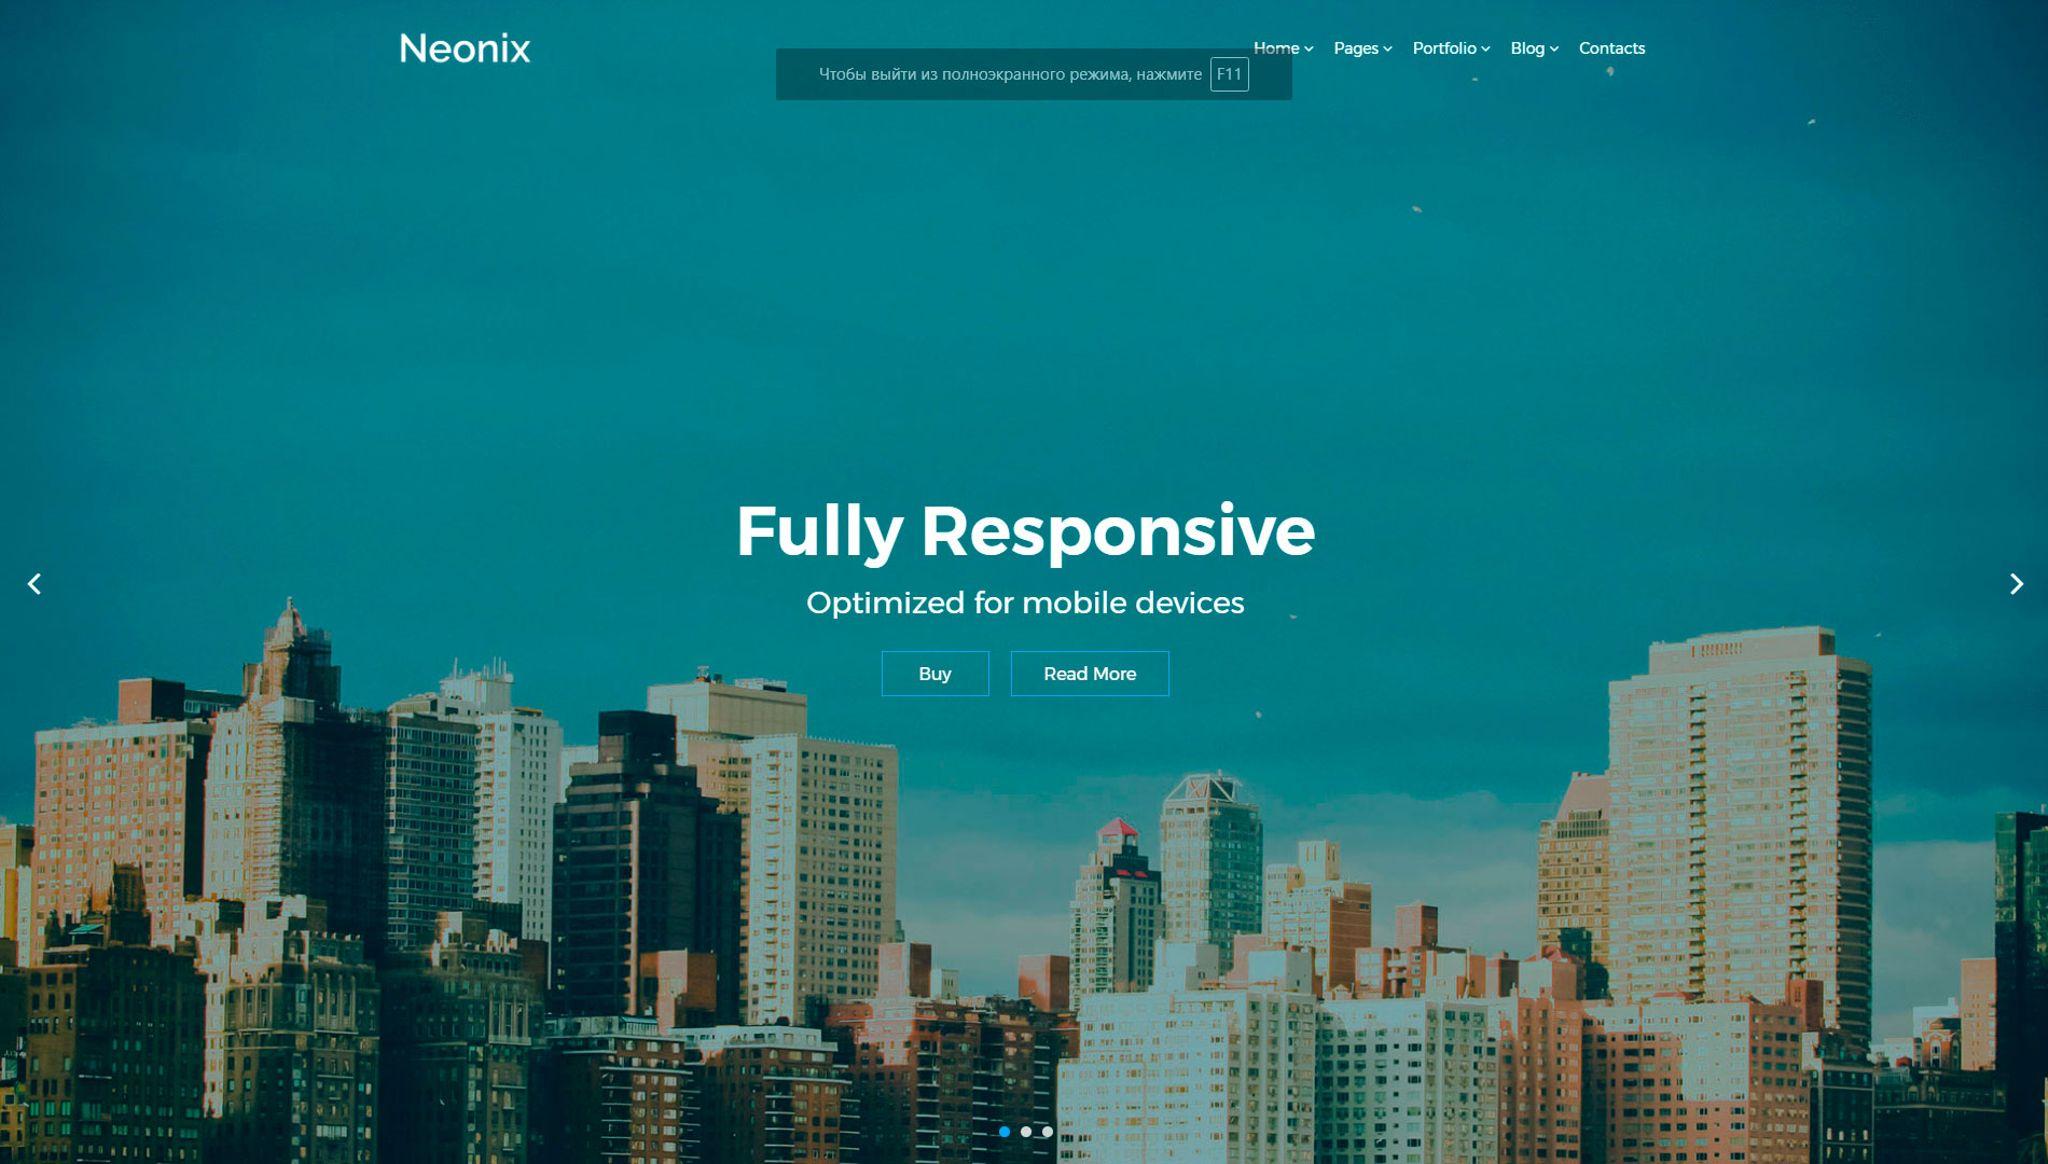 Bootstrap Danışmanlık  Wordpress Teması Büyük Ekran Görüntüsü